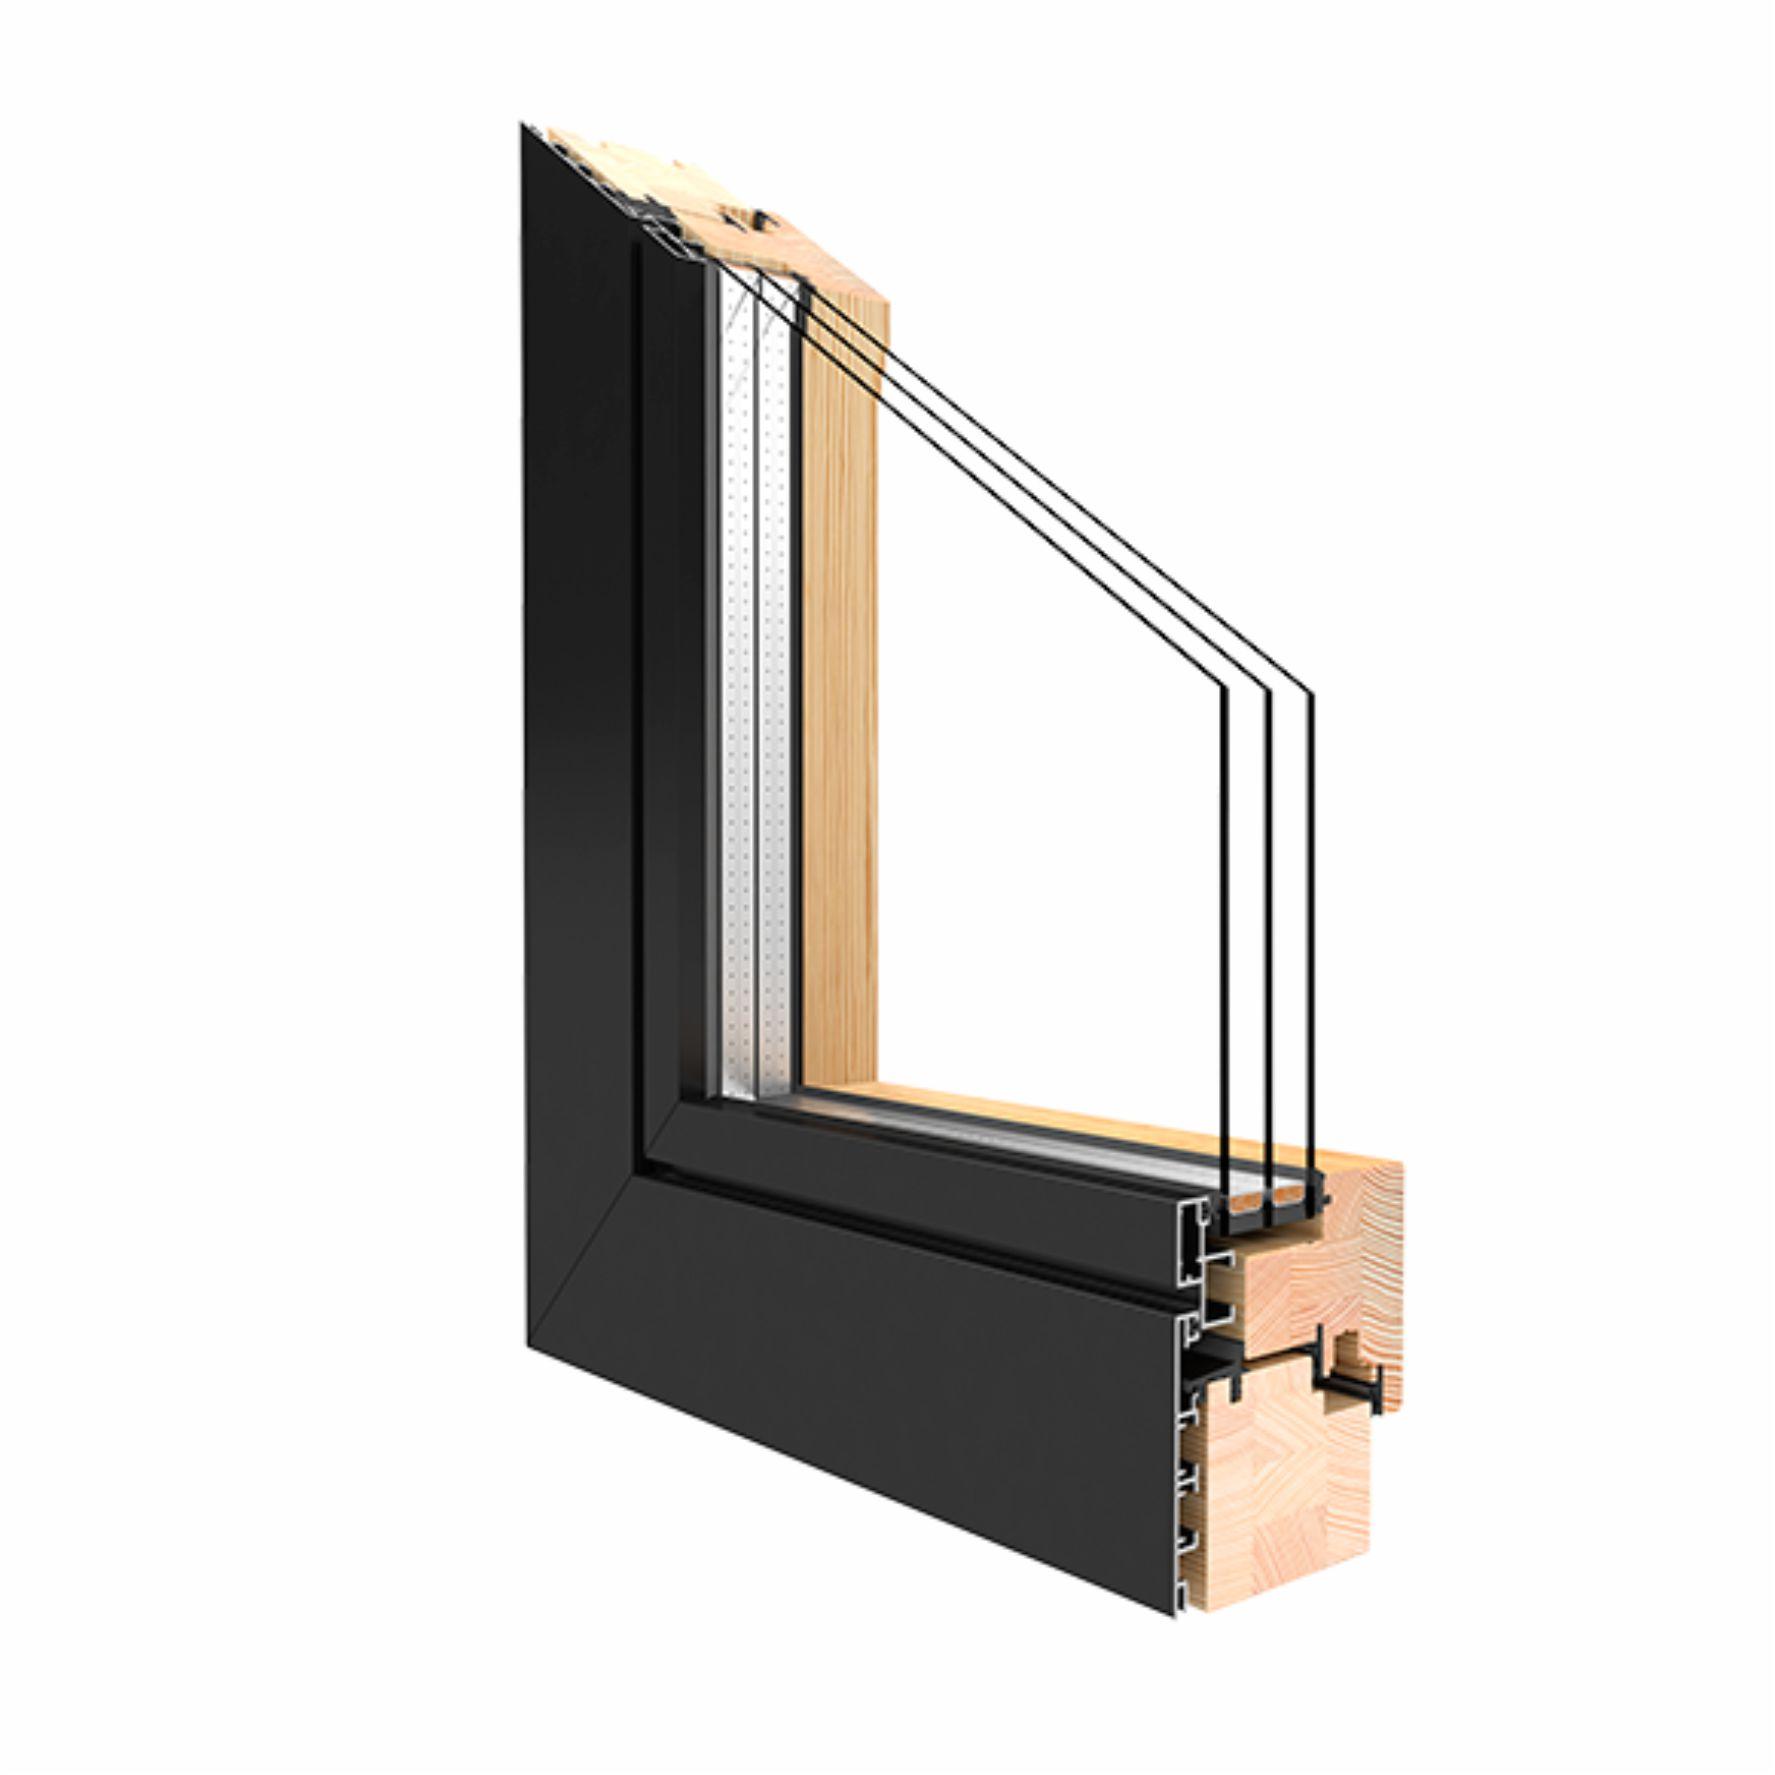 Holz alu fenster vorteile  Holz Alu Fenster Drutex Duoline 68 Kiefer Fenster alle Größen Shop ...